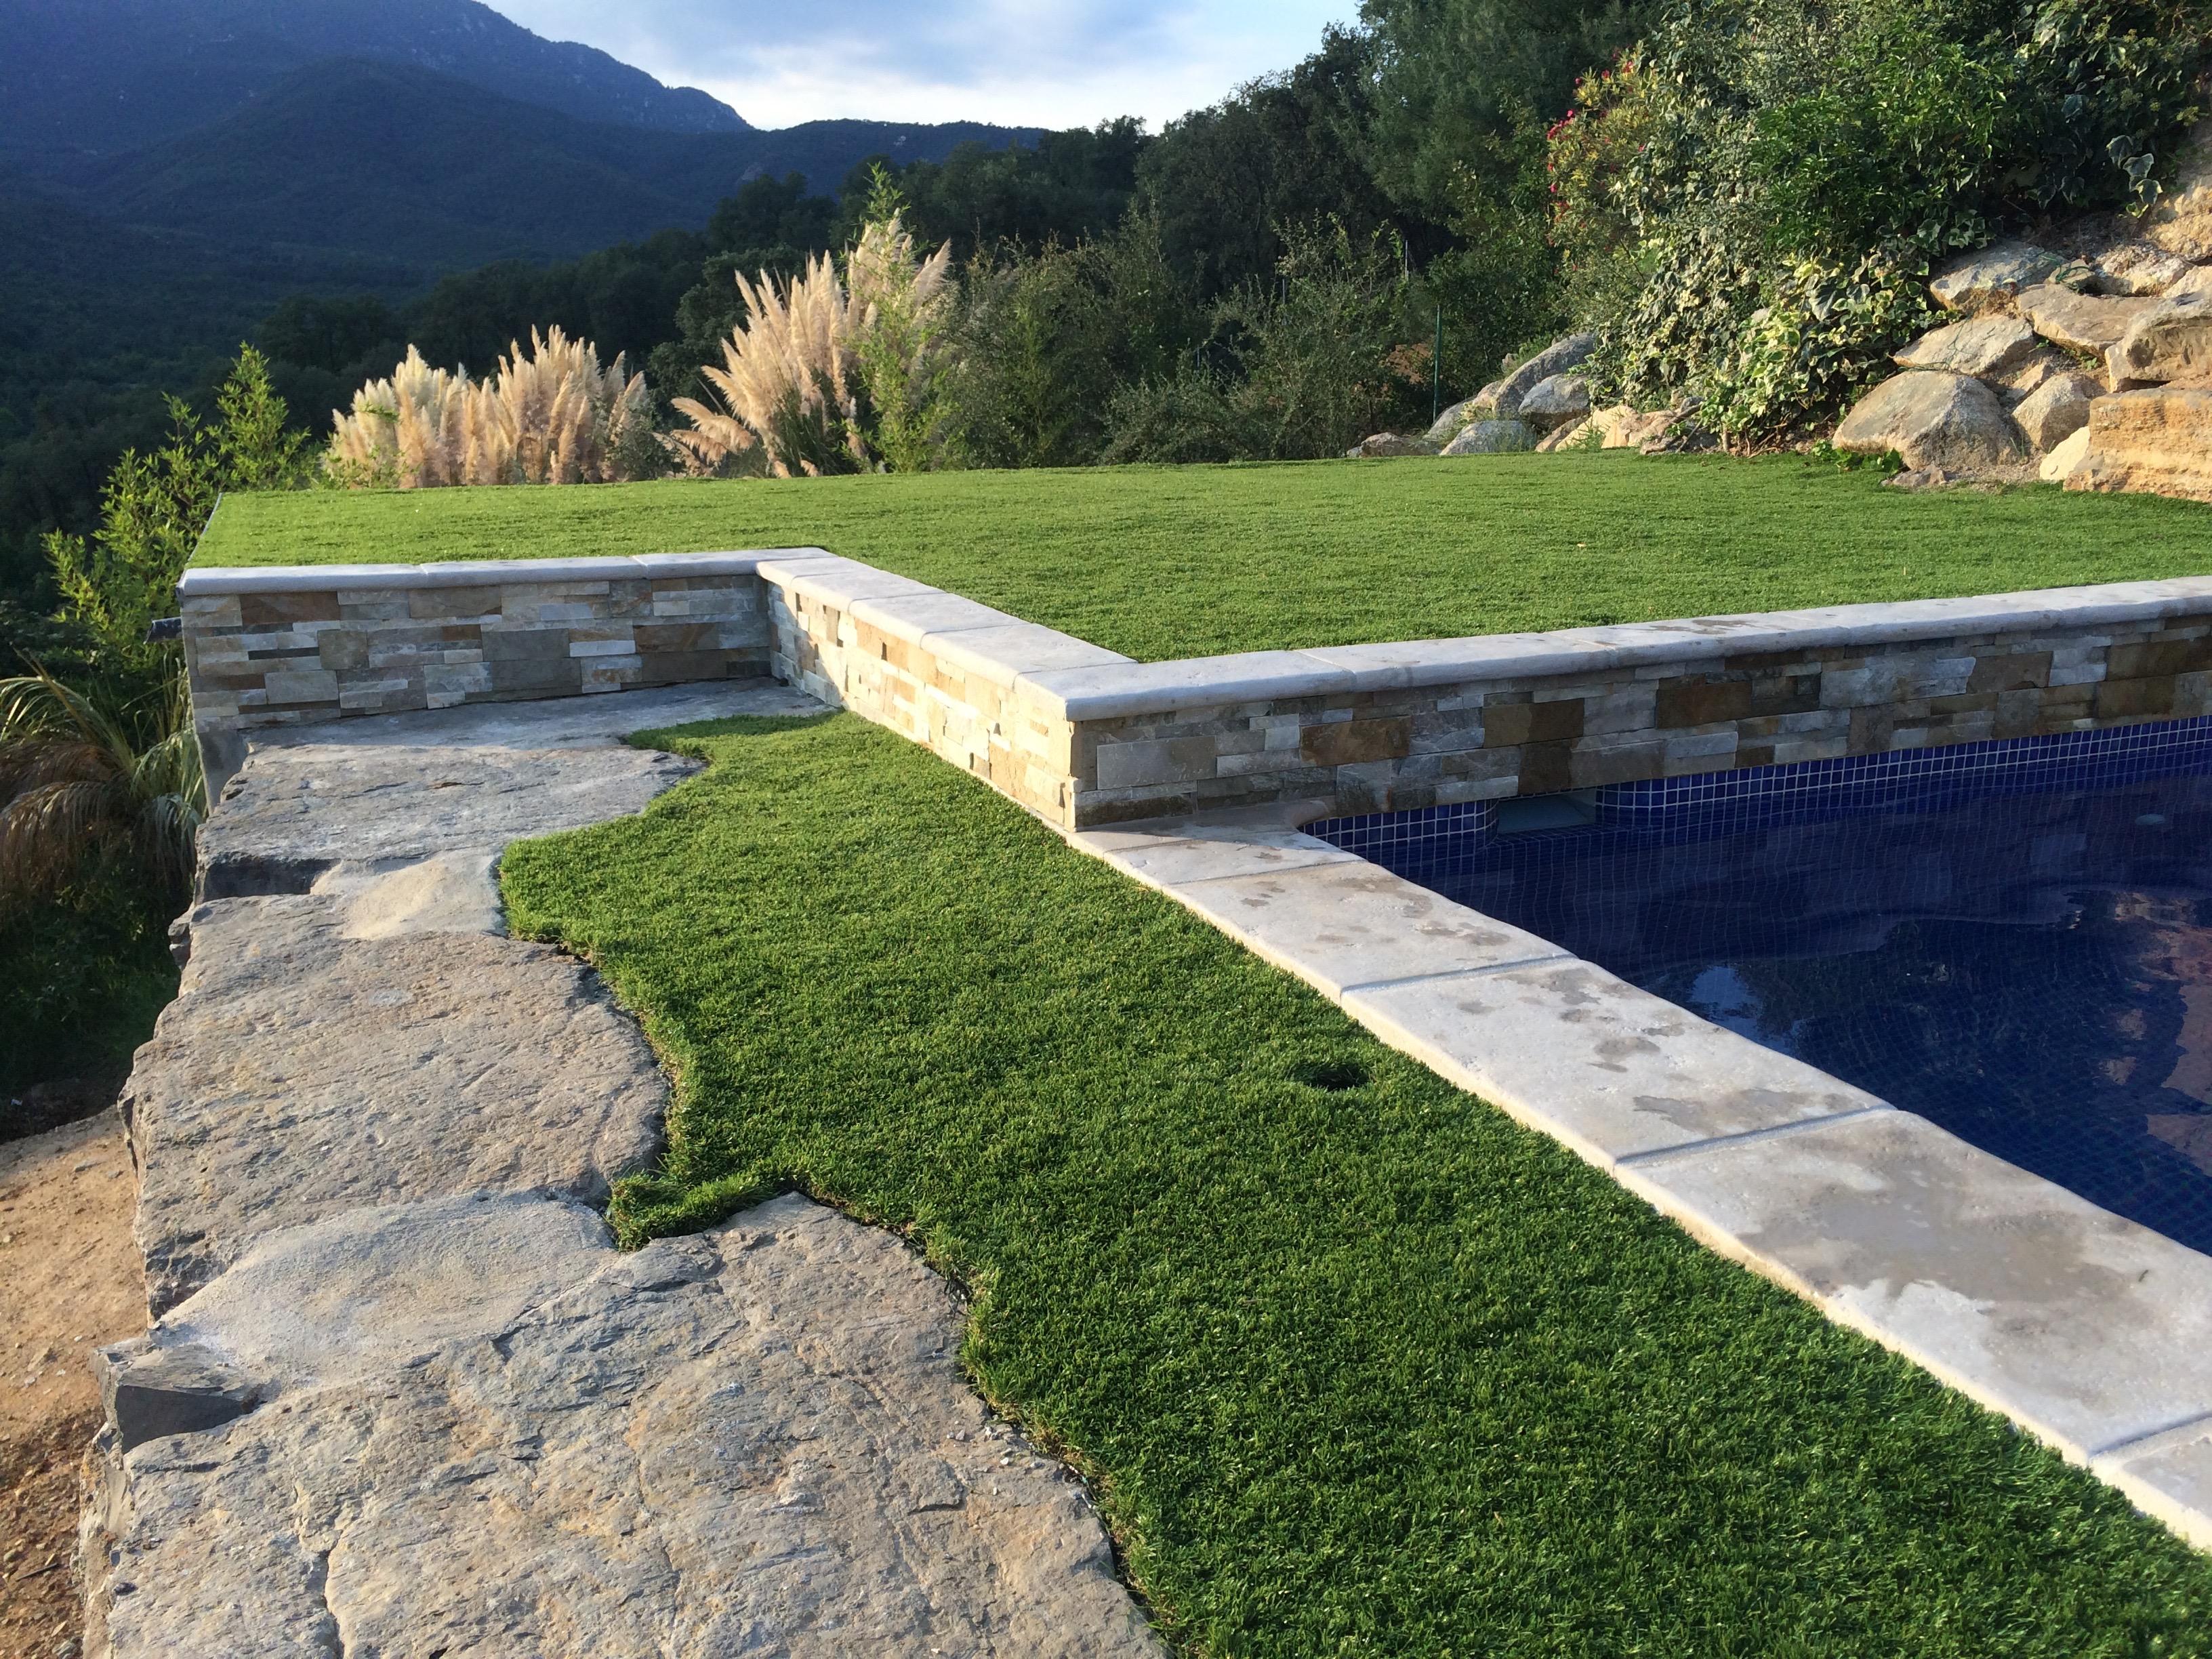 Construcci n piscina en riells i viabrea piscinas aop for Construccion de piscinas con ladrillos